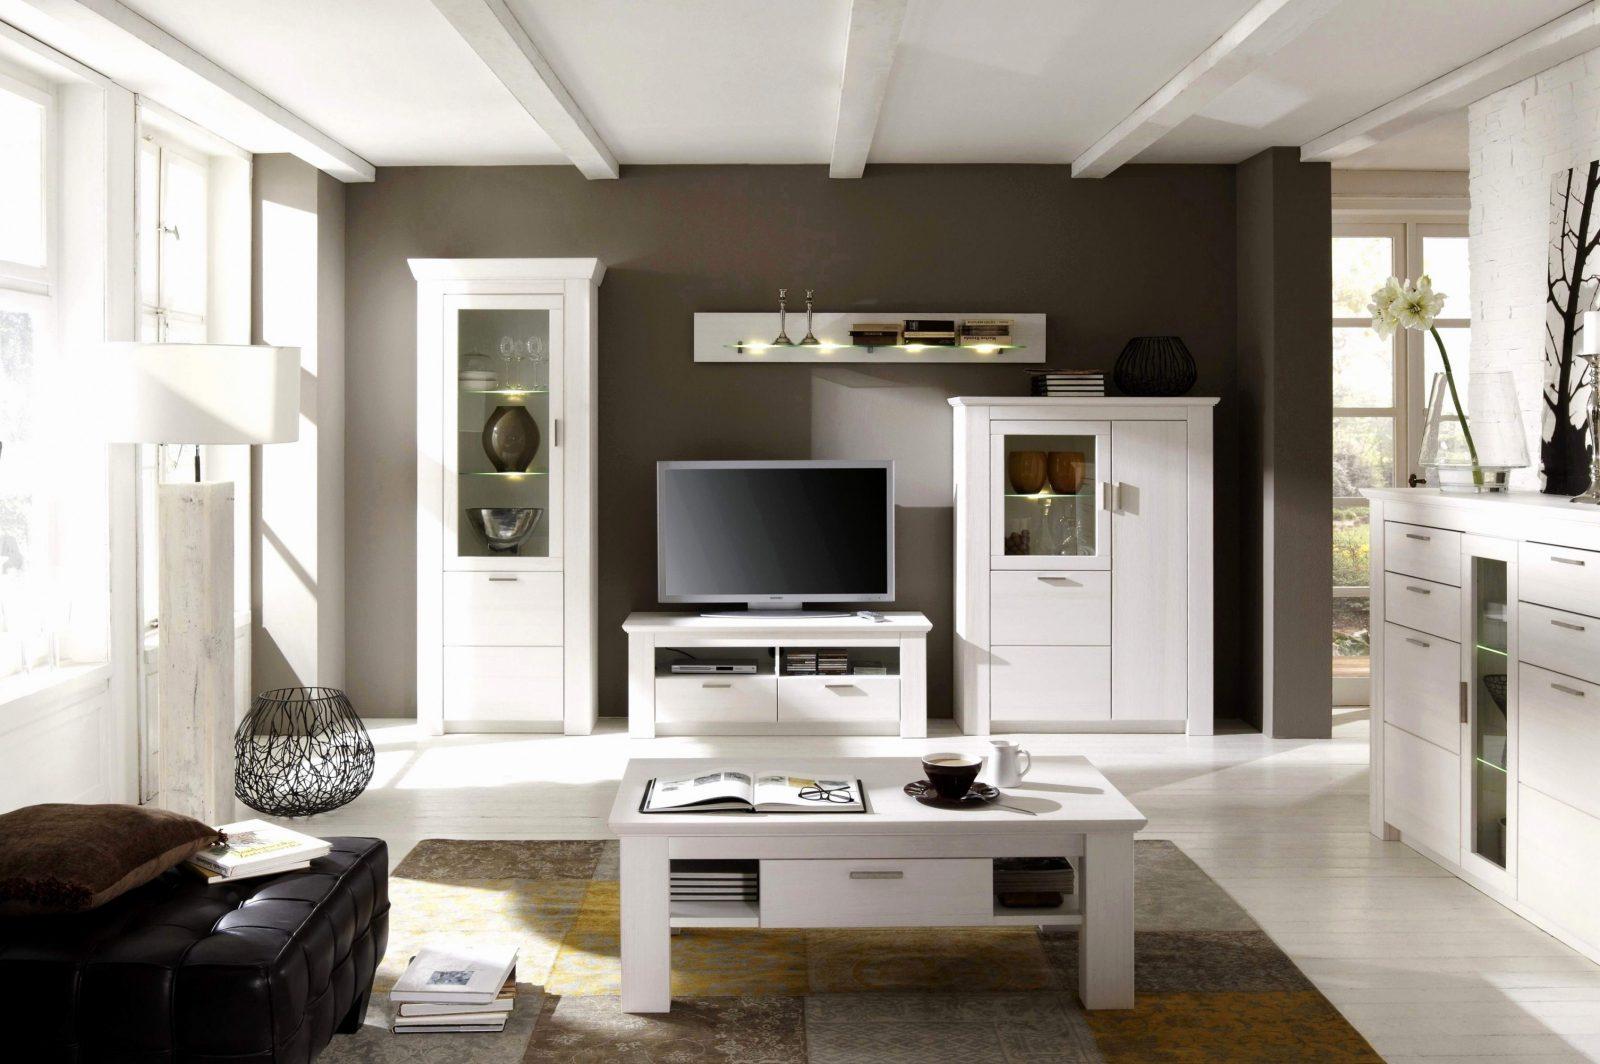 Einzigartig Moderner Landhausstil Wohnzimmer  Inspiration von Moderner Landhausstil Dekoration Photo